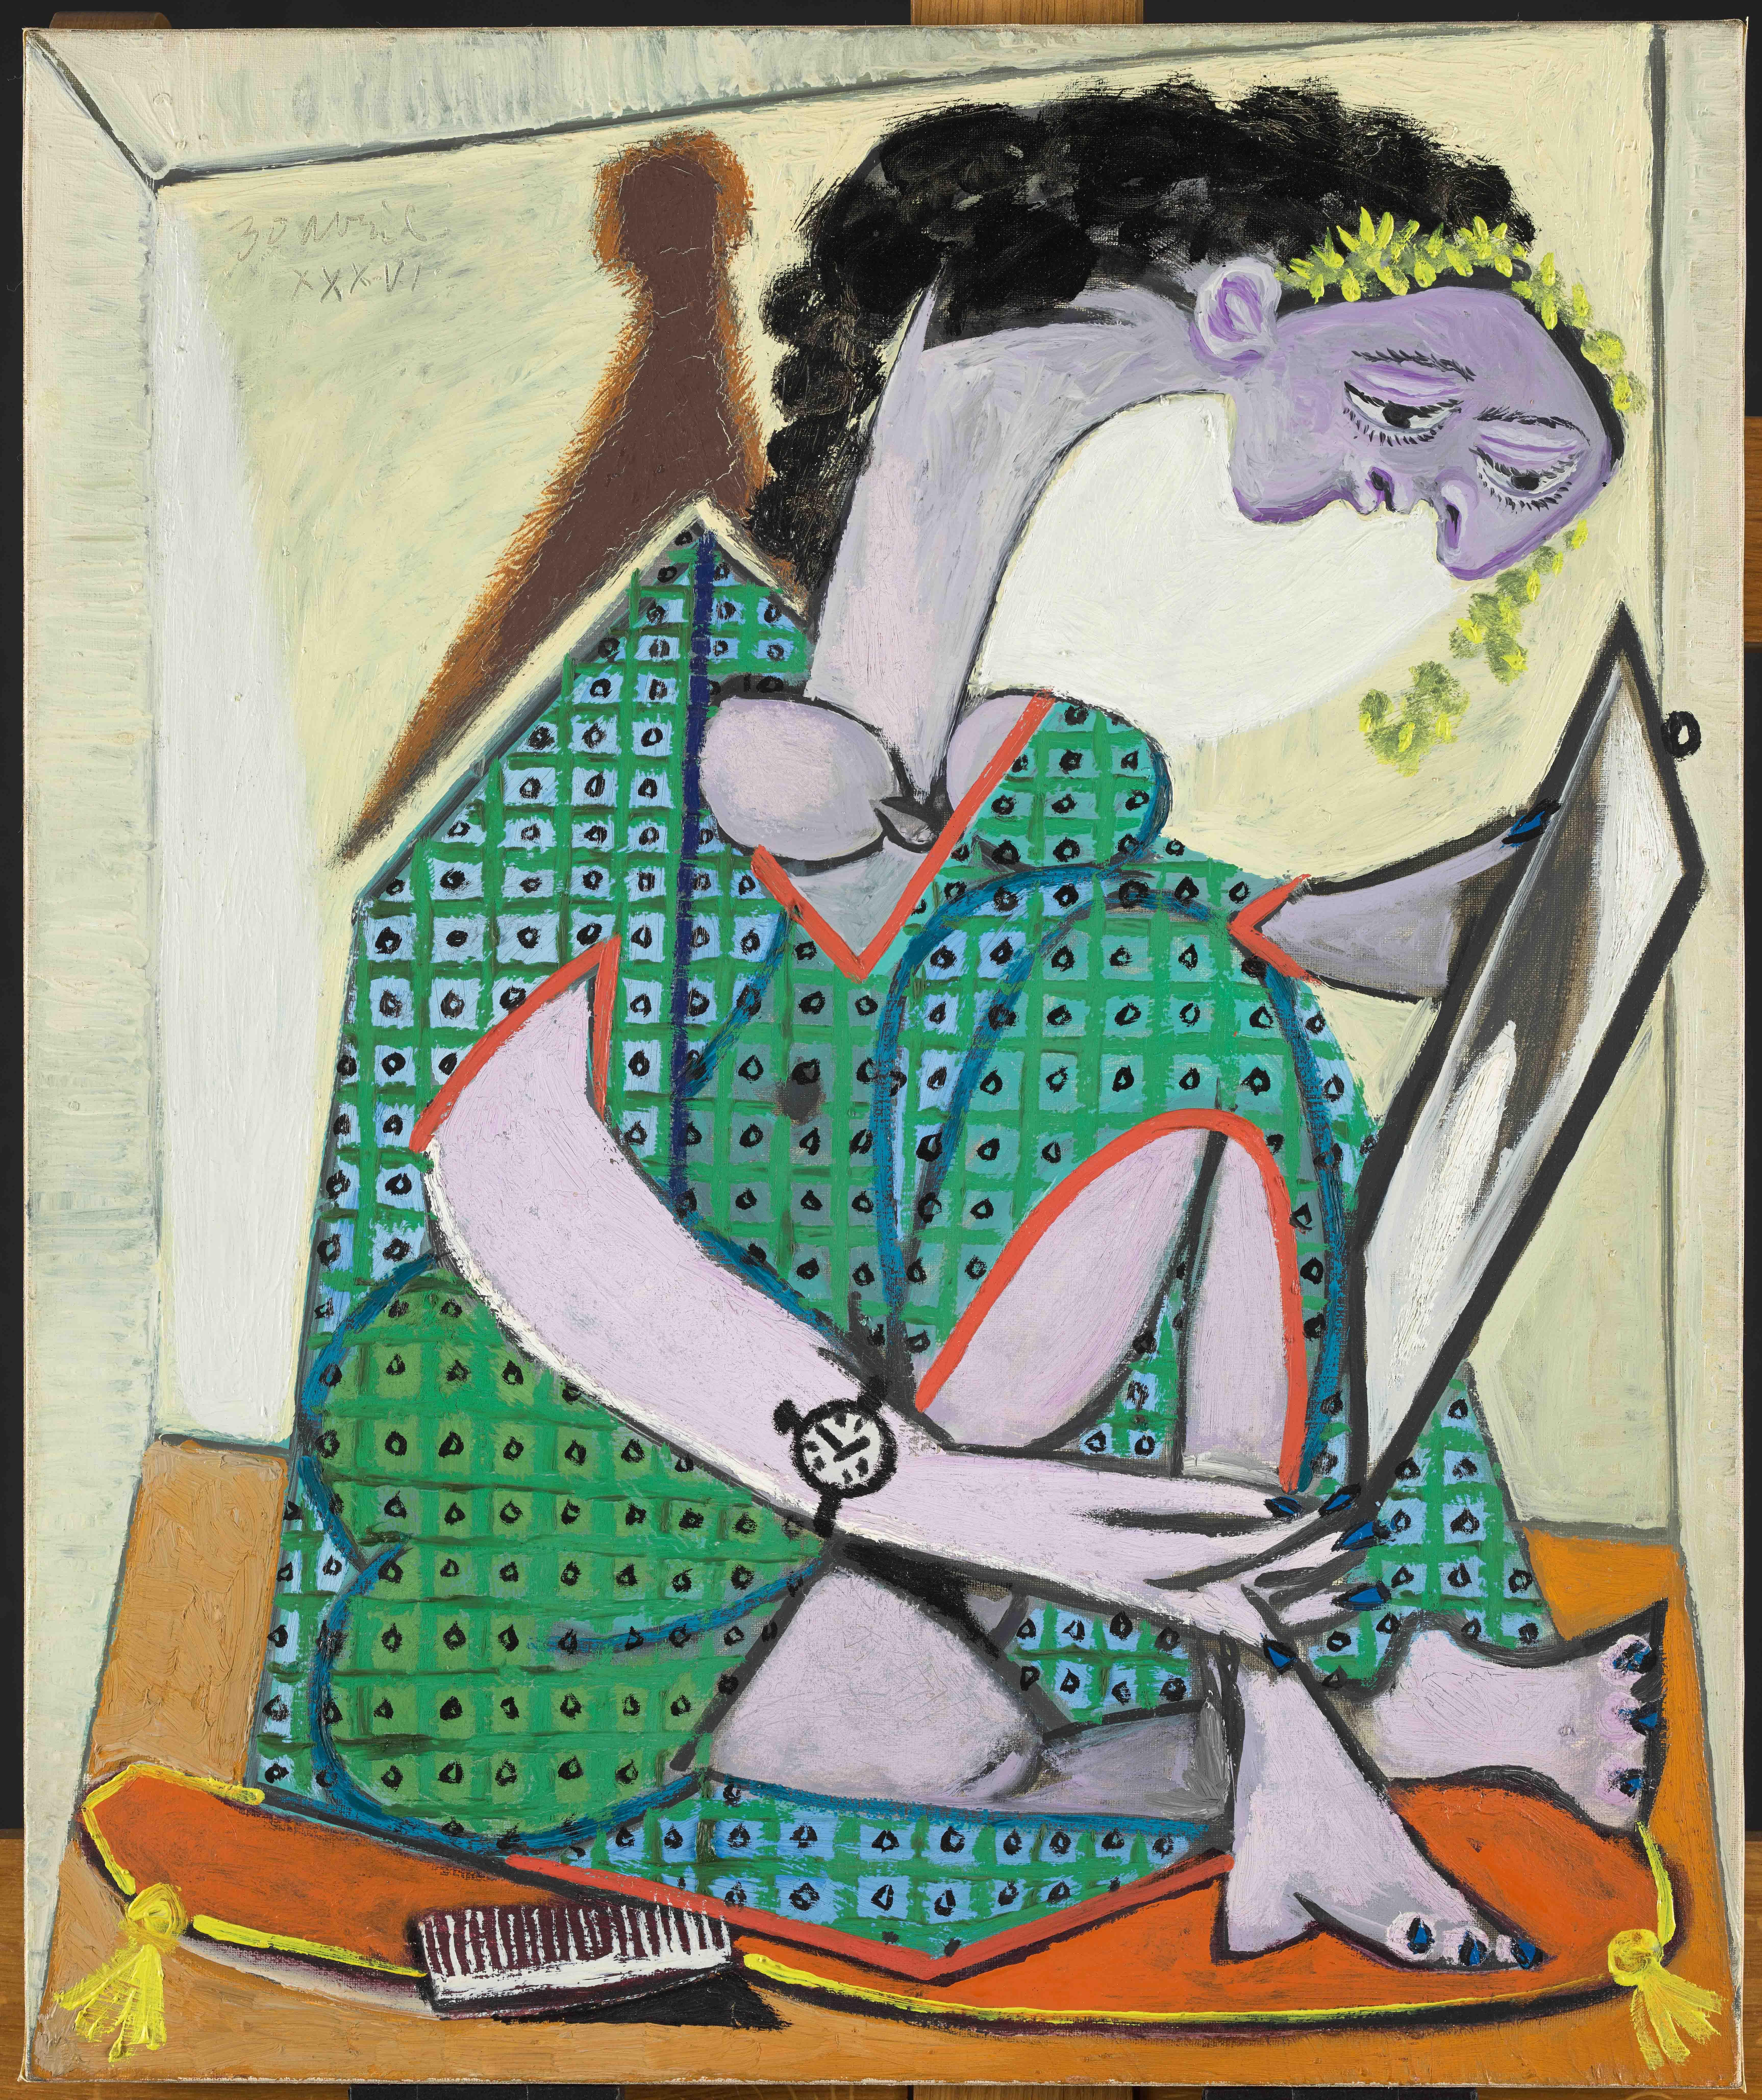 Пабло Пикассо. Женщина счасами. Жуан-ле-Пен, 30 апреля 1936. Национальный музей Пикассо, Париж